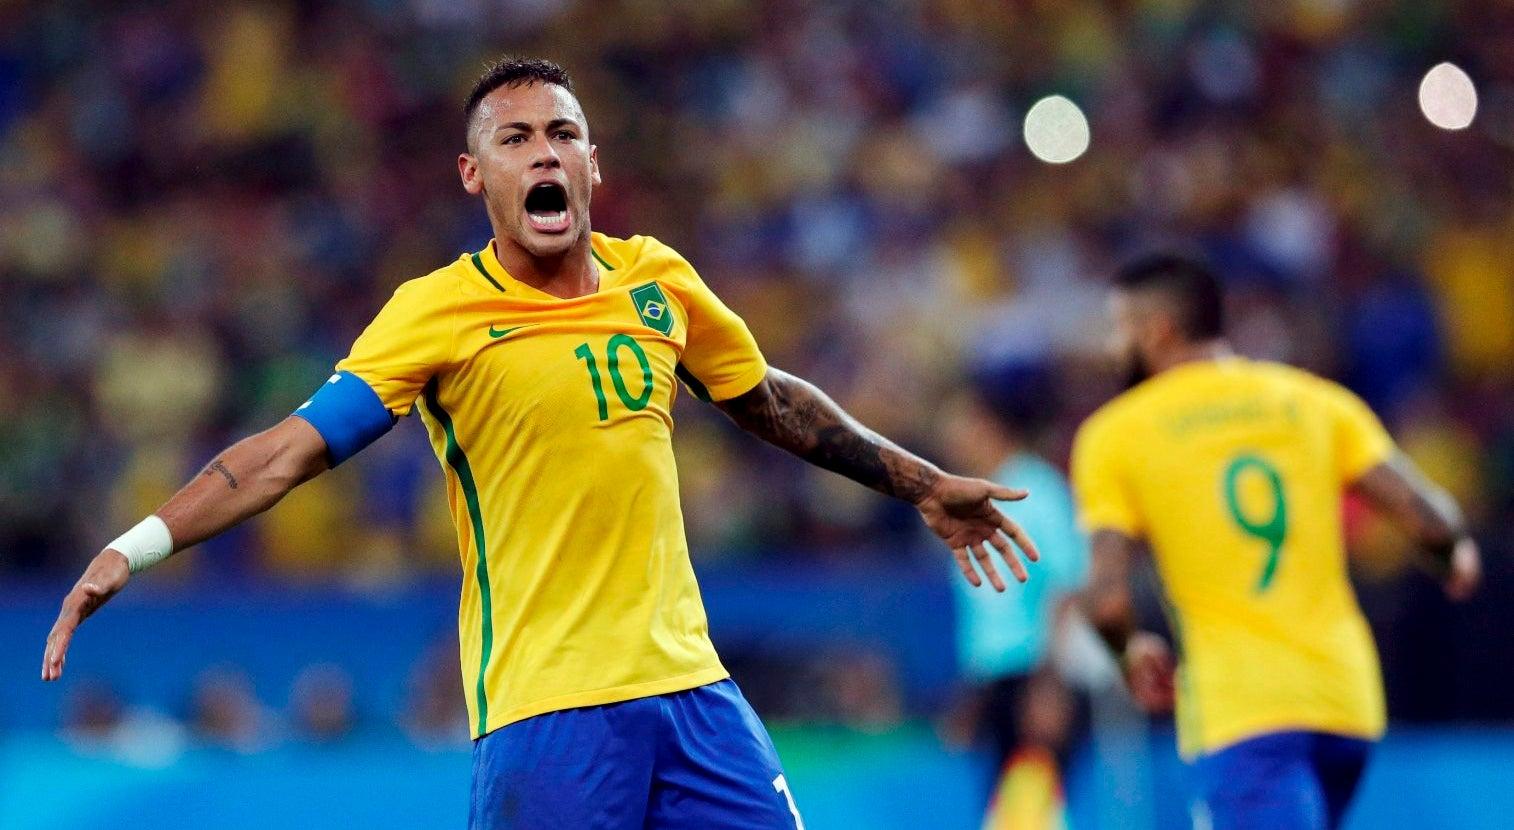 Artesanato Lembrancinhas Passo A Passo ~ Neymar lidera lista de convocados do Brasil para o Mundial Mundial 2018 Desporto RTP Notícias